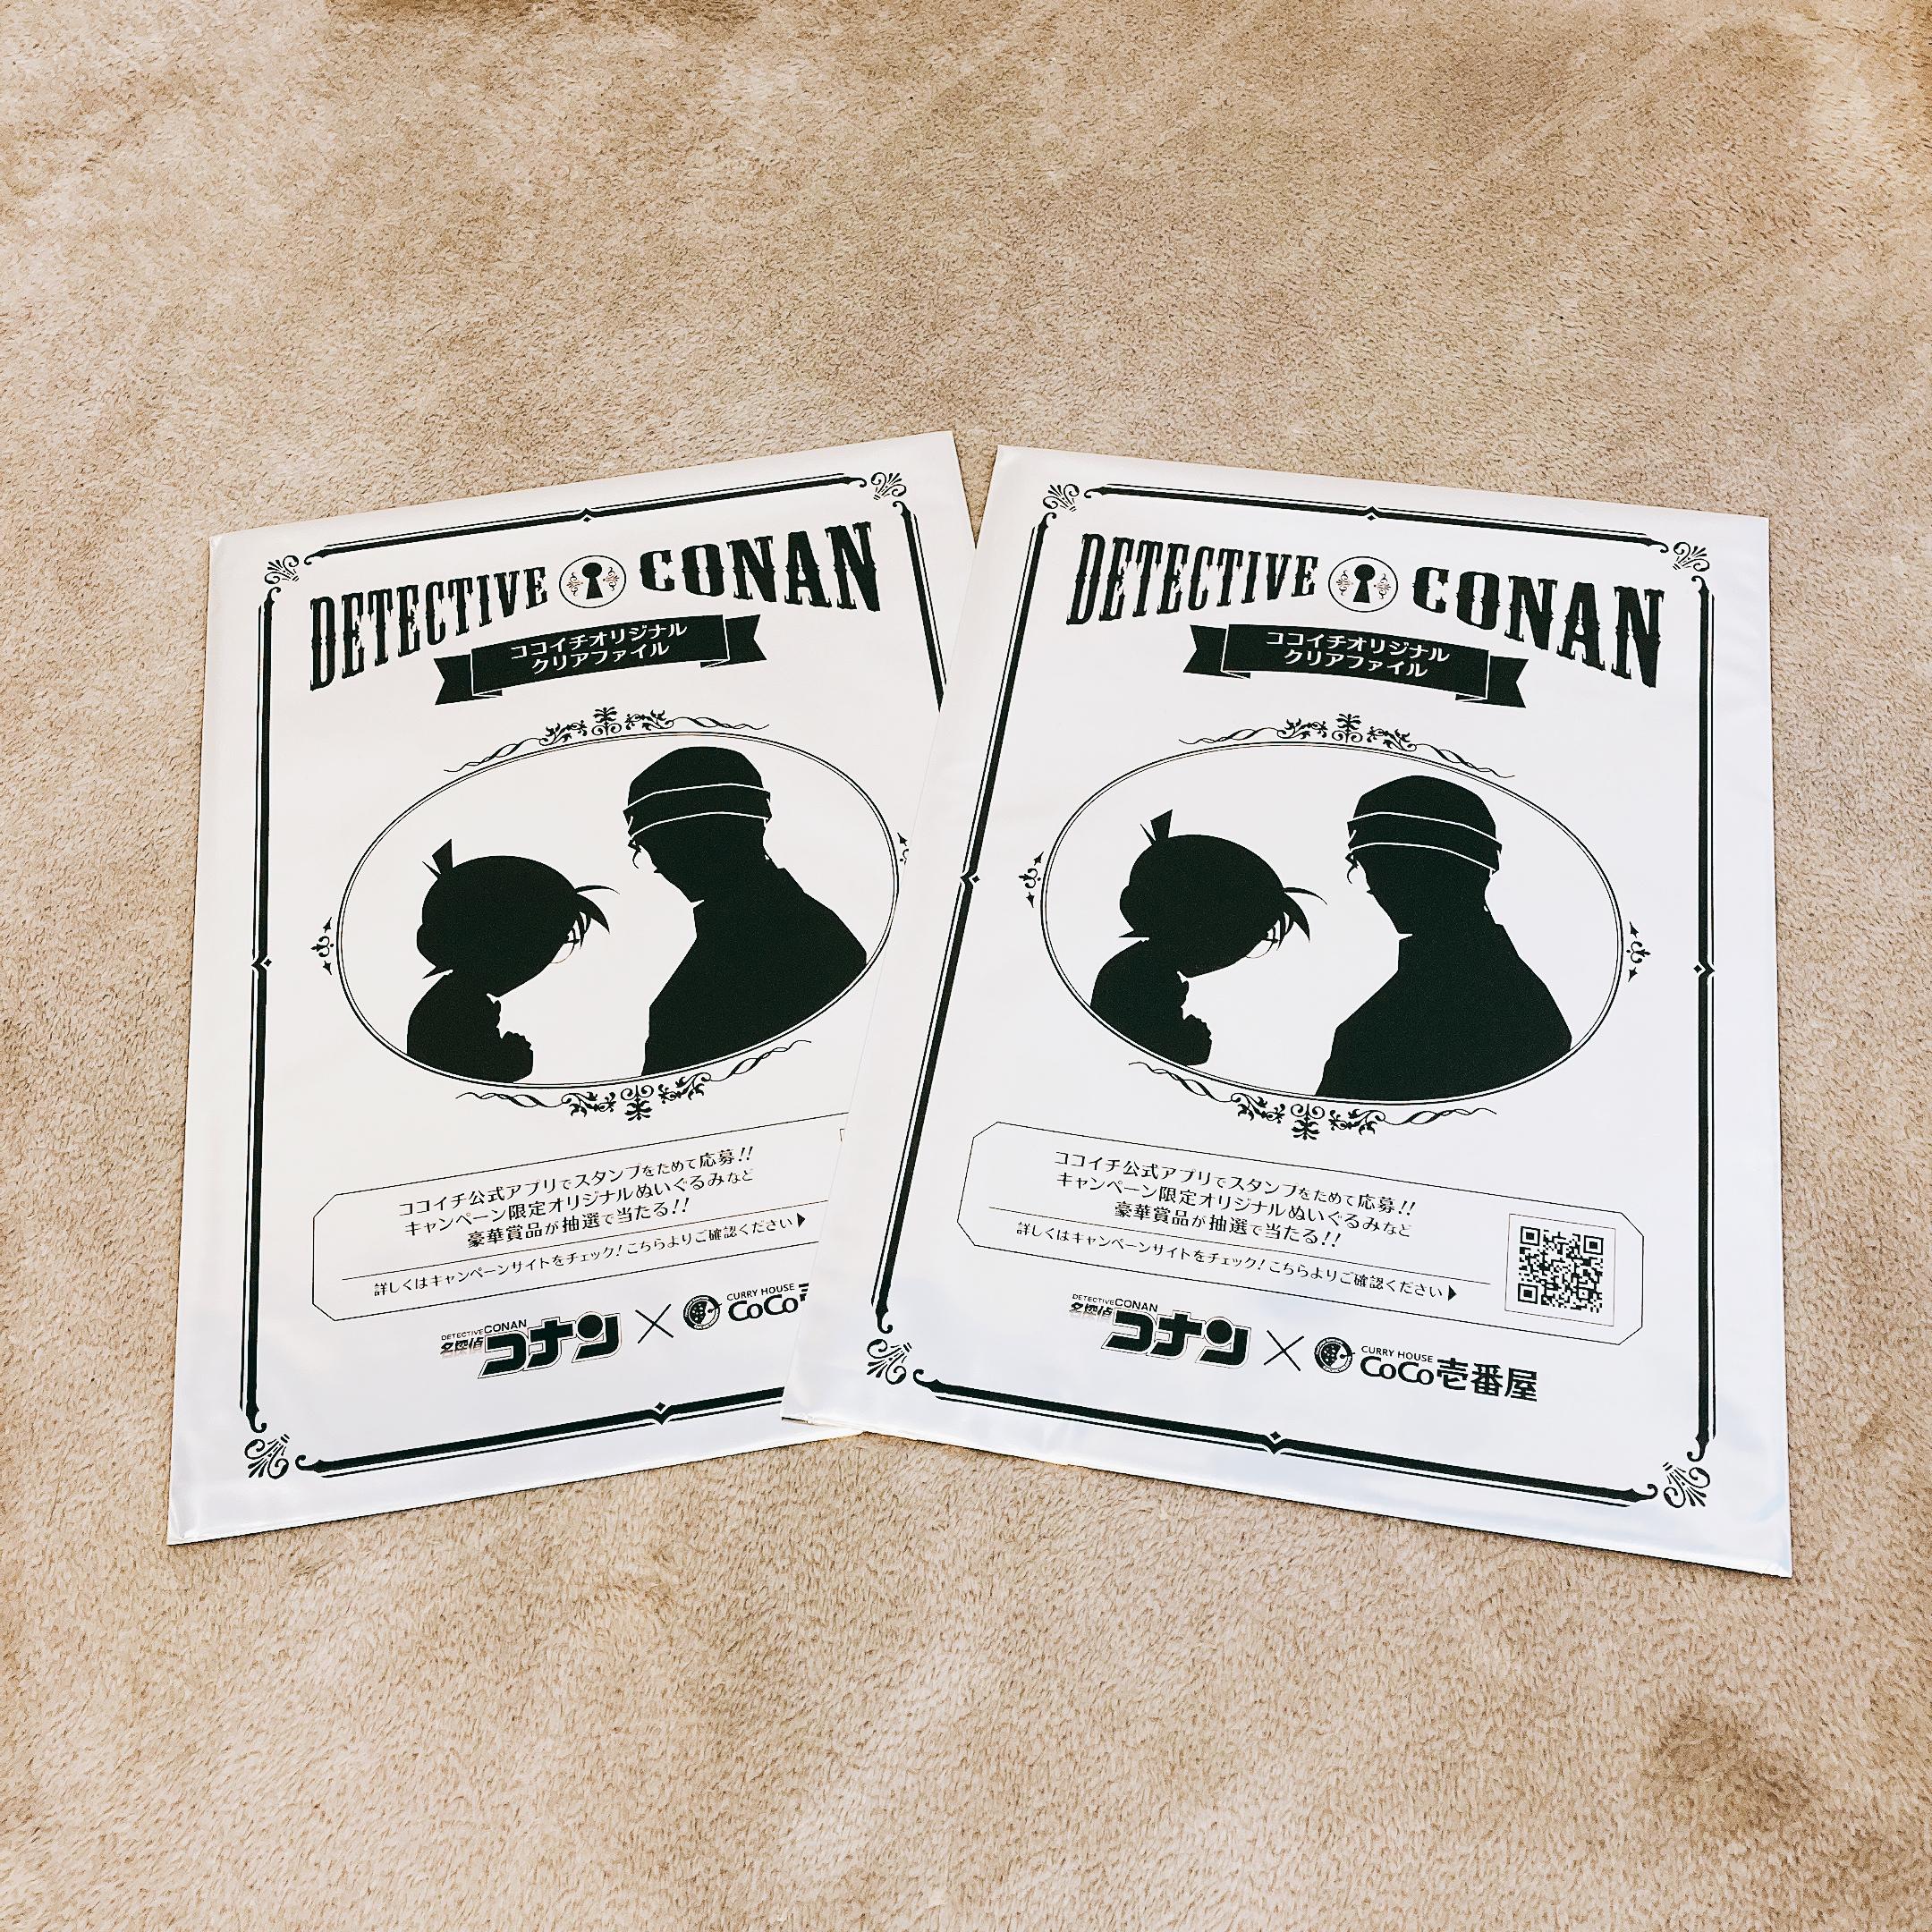 「名探偵コナン」×「ココイチ」コラボのクリアファイルもらってきました!初日ならではの珍事件が発生!?